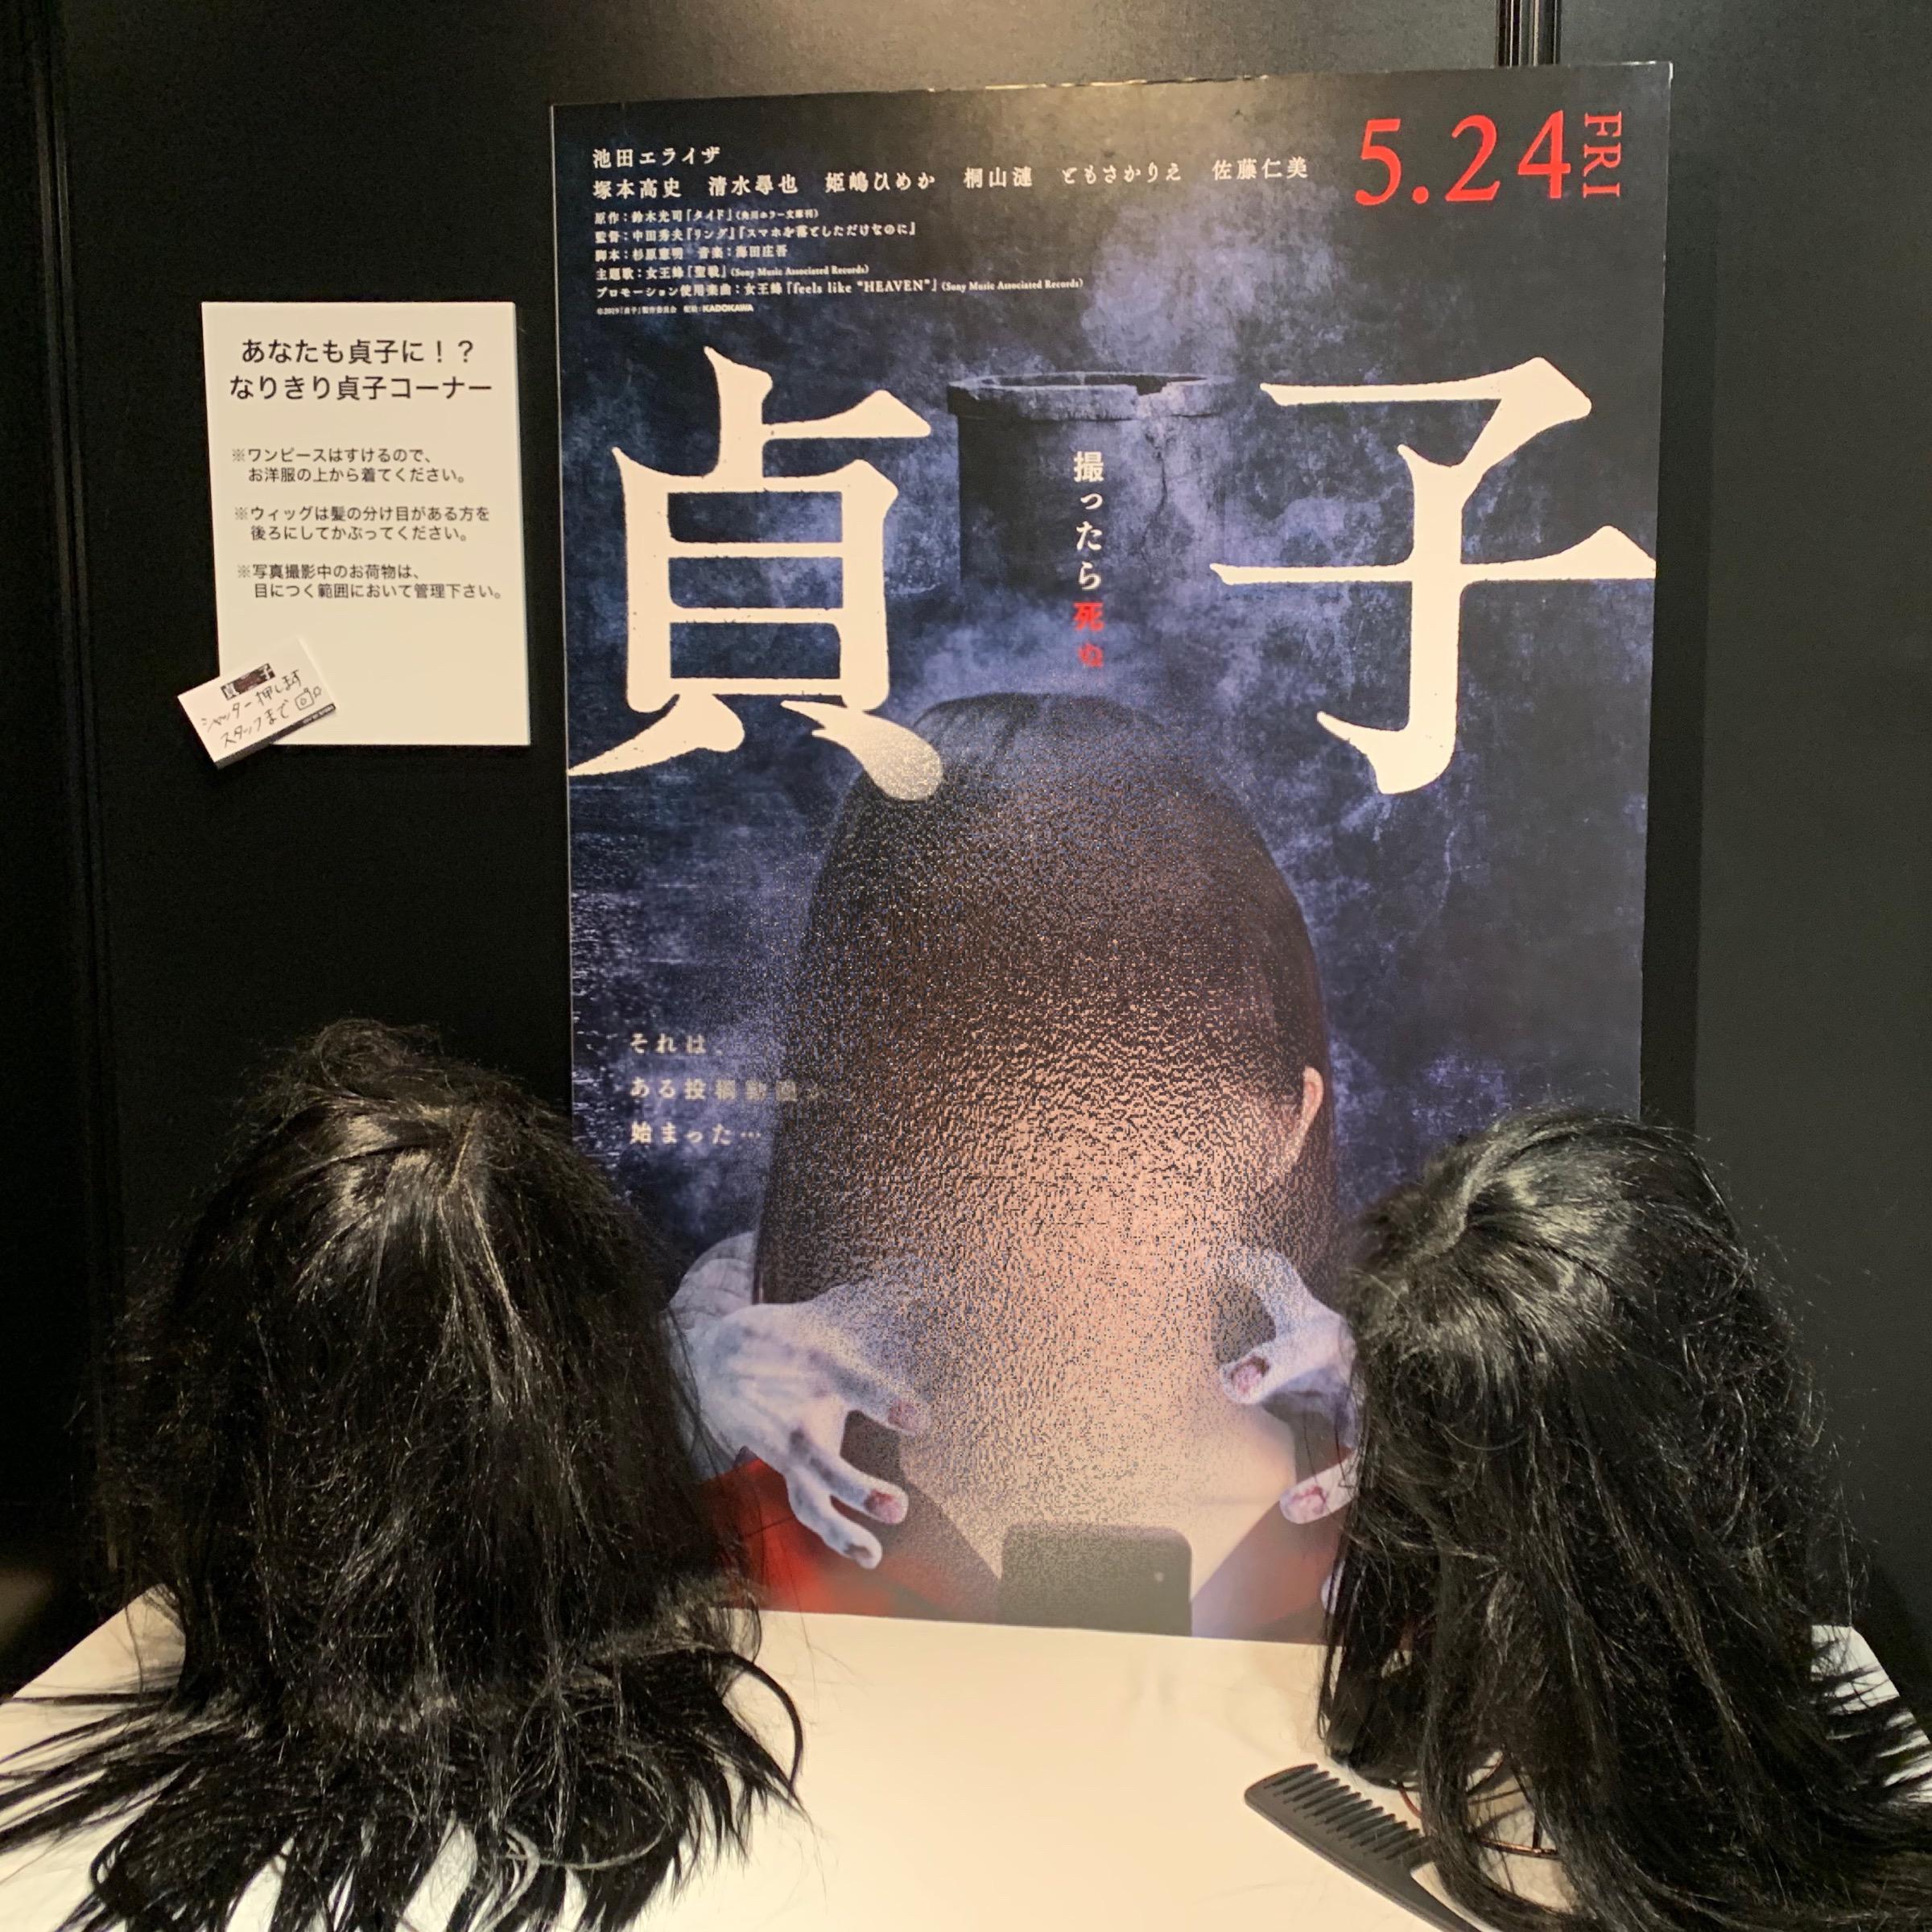 《思わずヒヤッ?!》なインスタ映え 貞子展で貞子体験してきた!_3